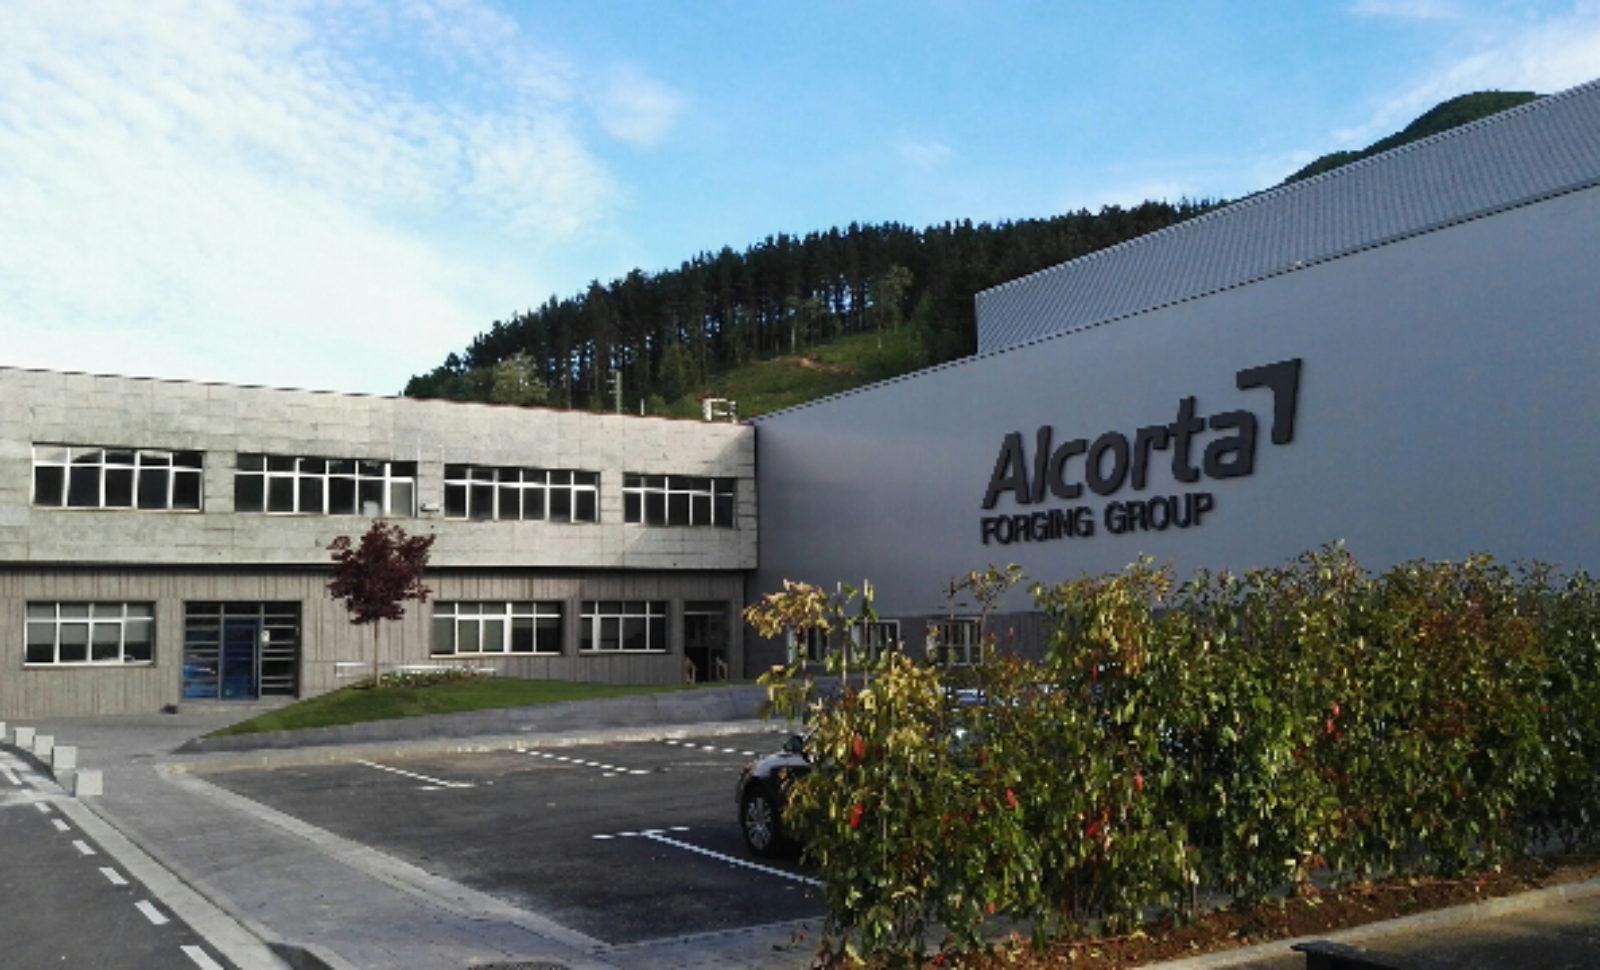 Alcorta verfolgt Automobilkomponenten mit Serialisierungslösung von Zetes vollständig zurück